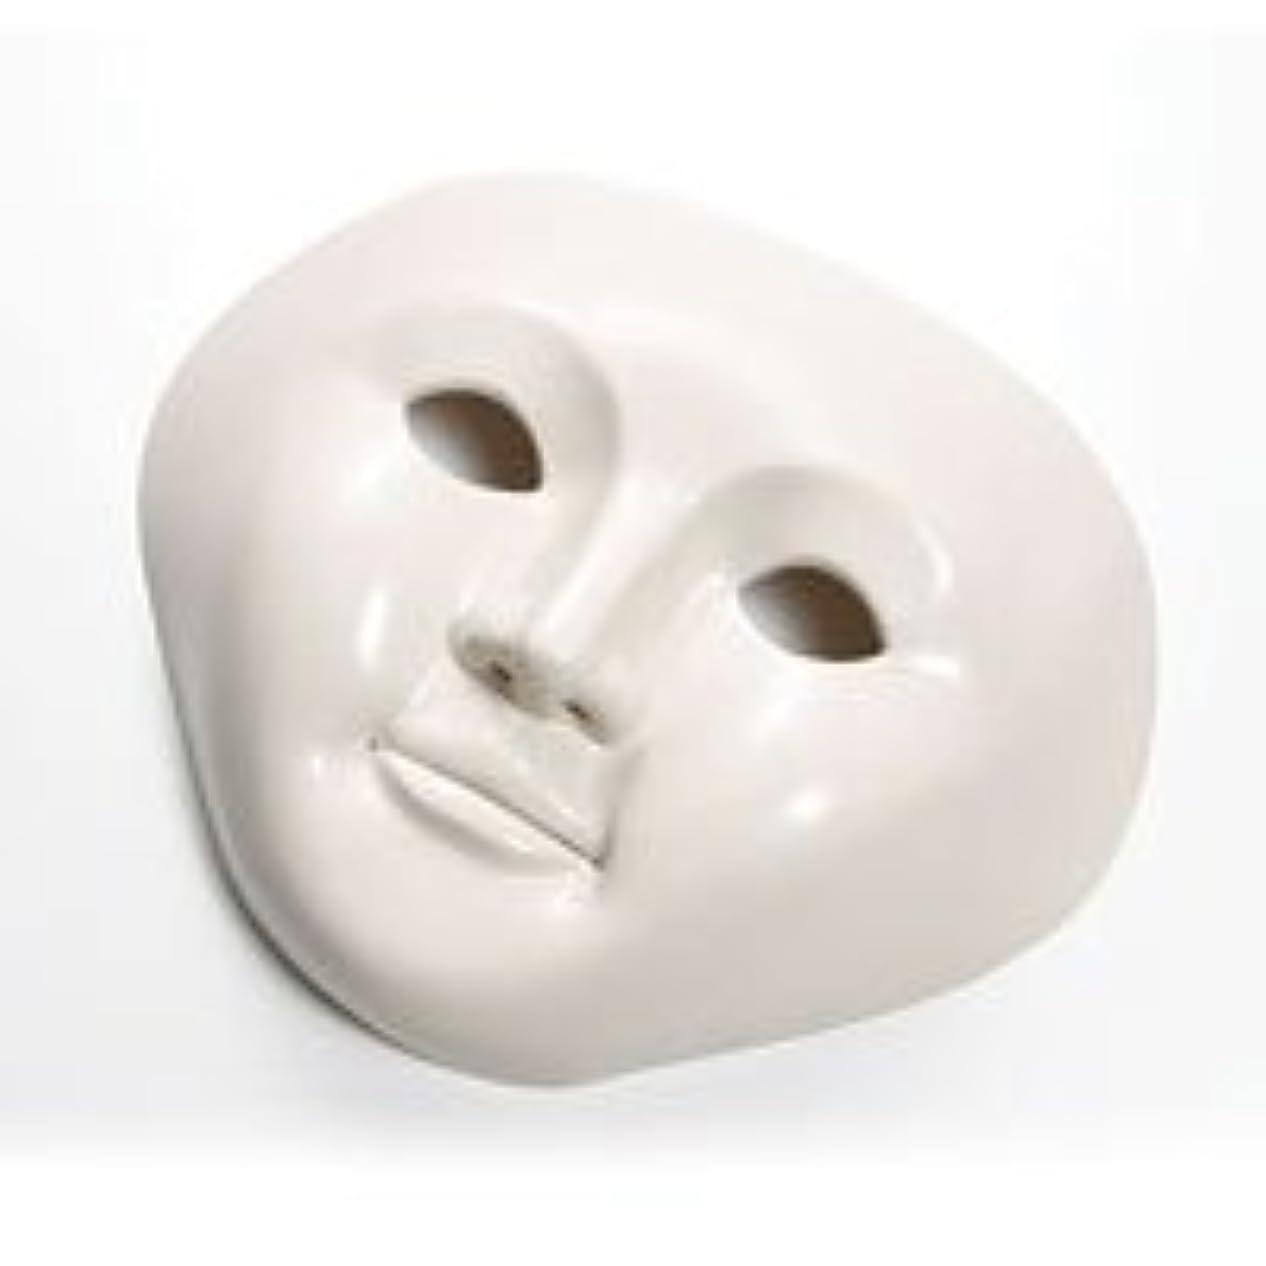 柔らかい足本を読むアトム湯の花美人 【ラジウムの美顔マスク】